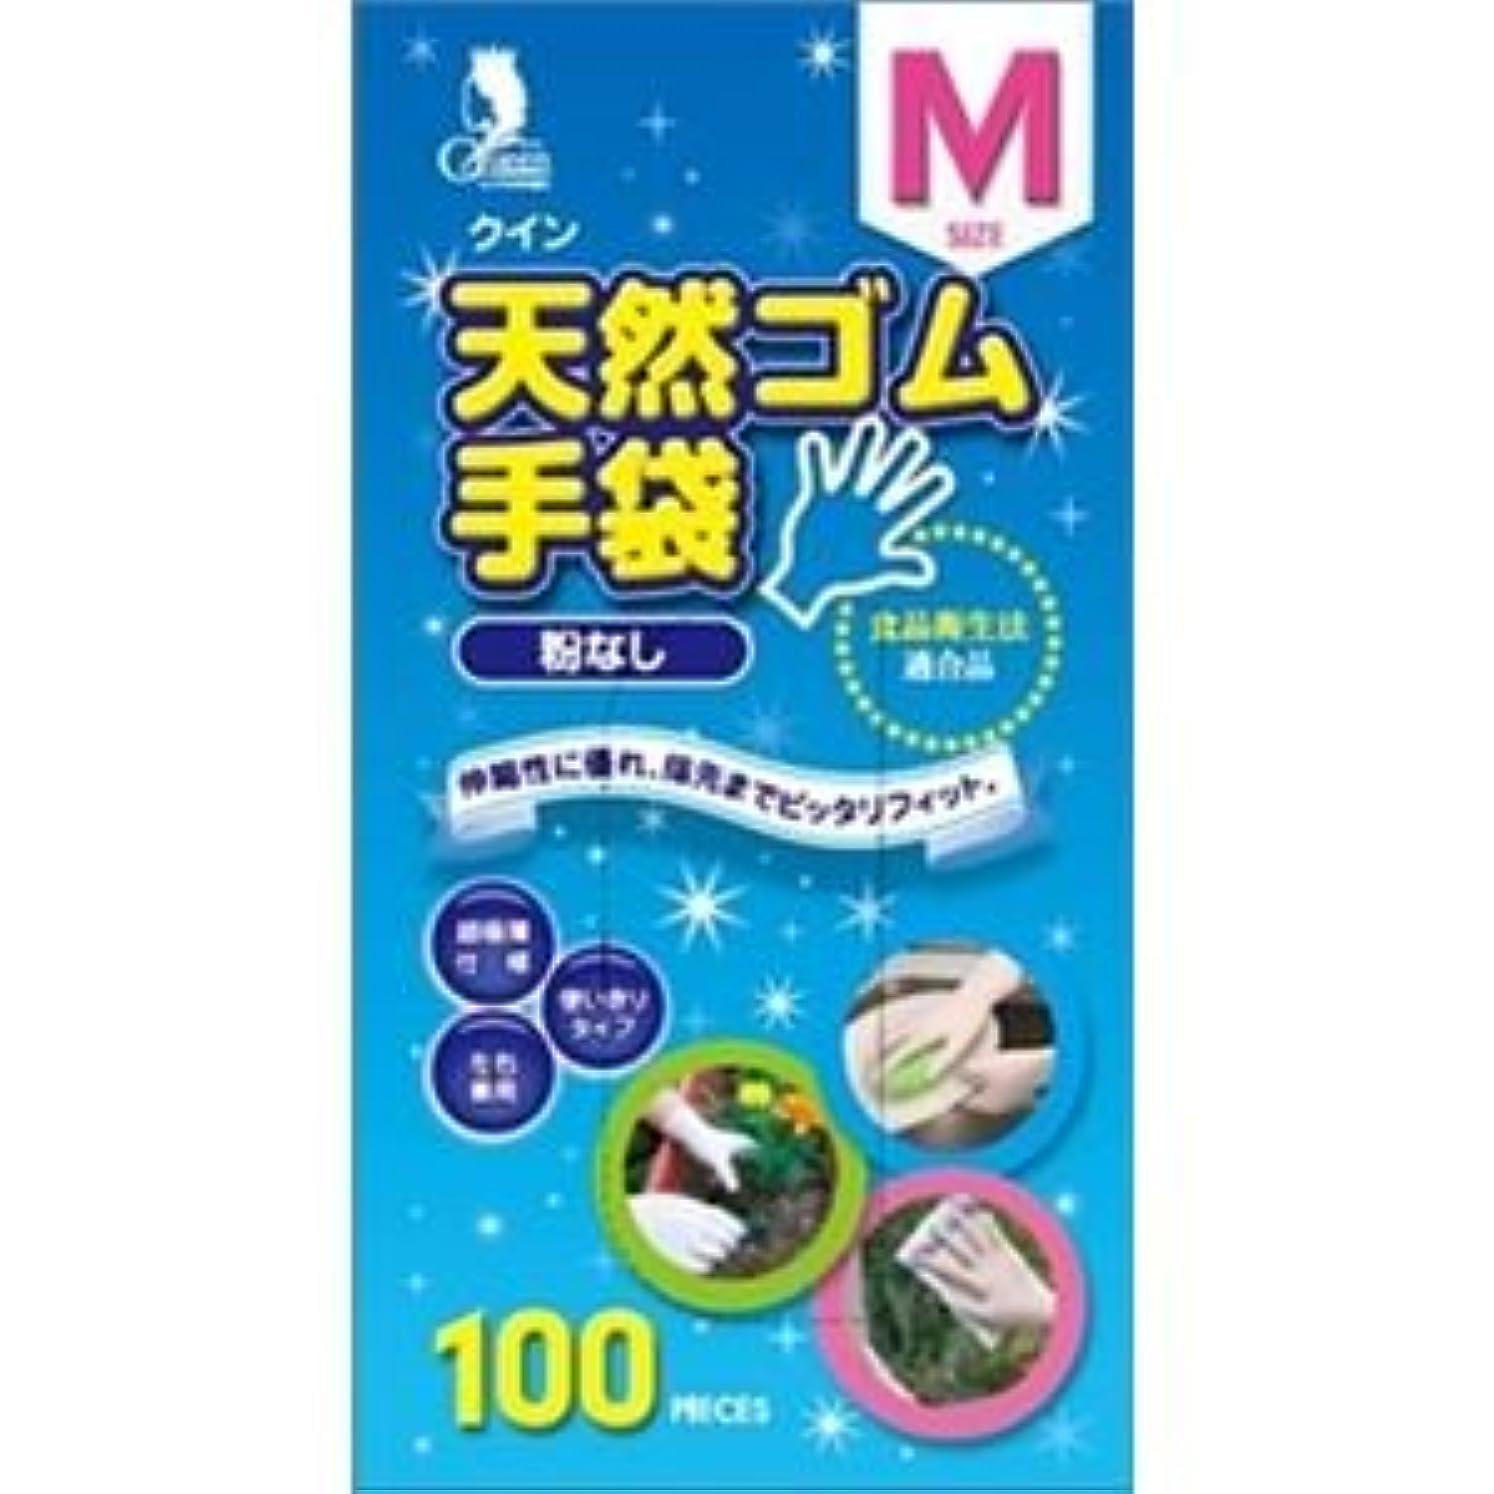 つかまえるサンプルスペース(まとめ)宇都宮製作 クイン天然ゴム手袋 M 100枚入 (N) 【×3点セット】